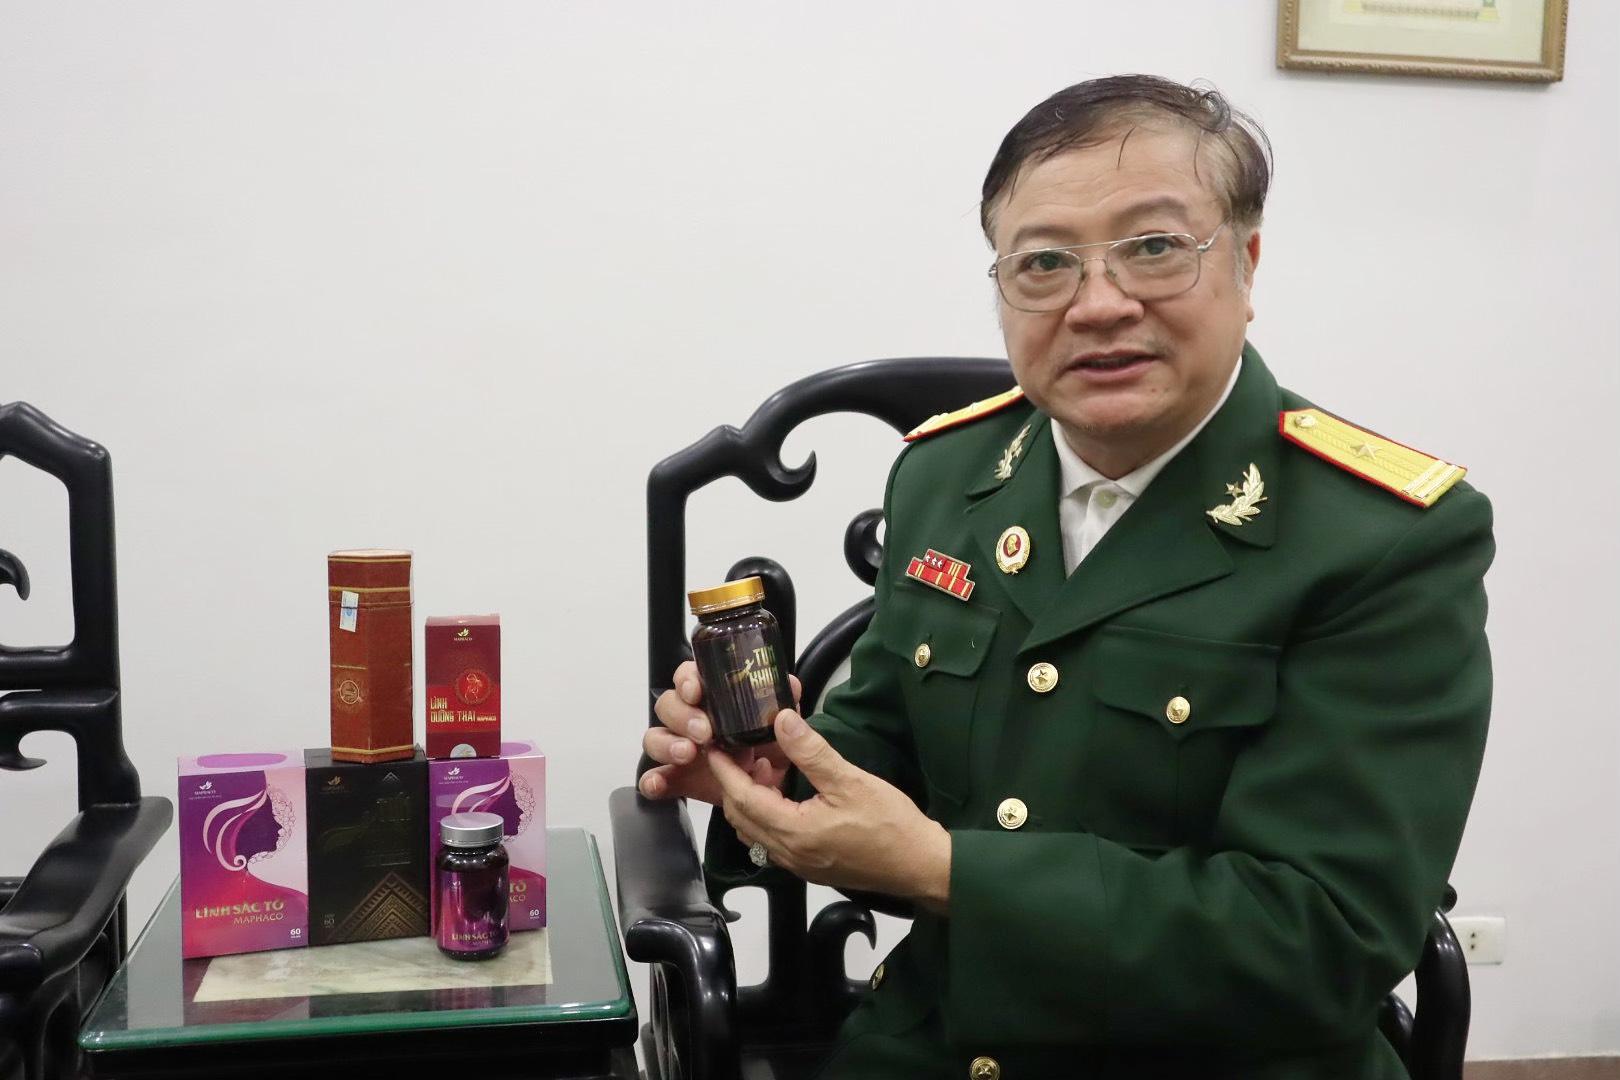 Thương binh, lương y Trần Đình Nhân chia sẻ về công dụng của sản phẩm mà ông đã dày công nghiên cứu.